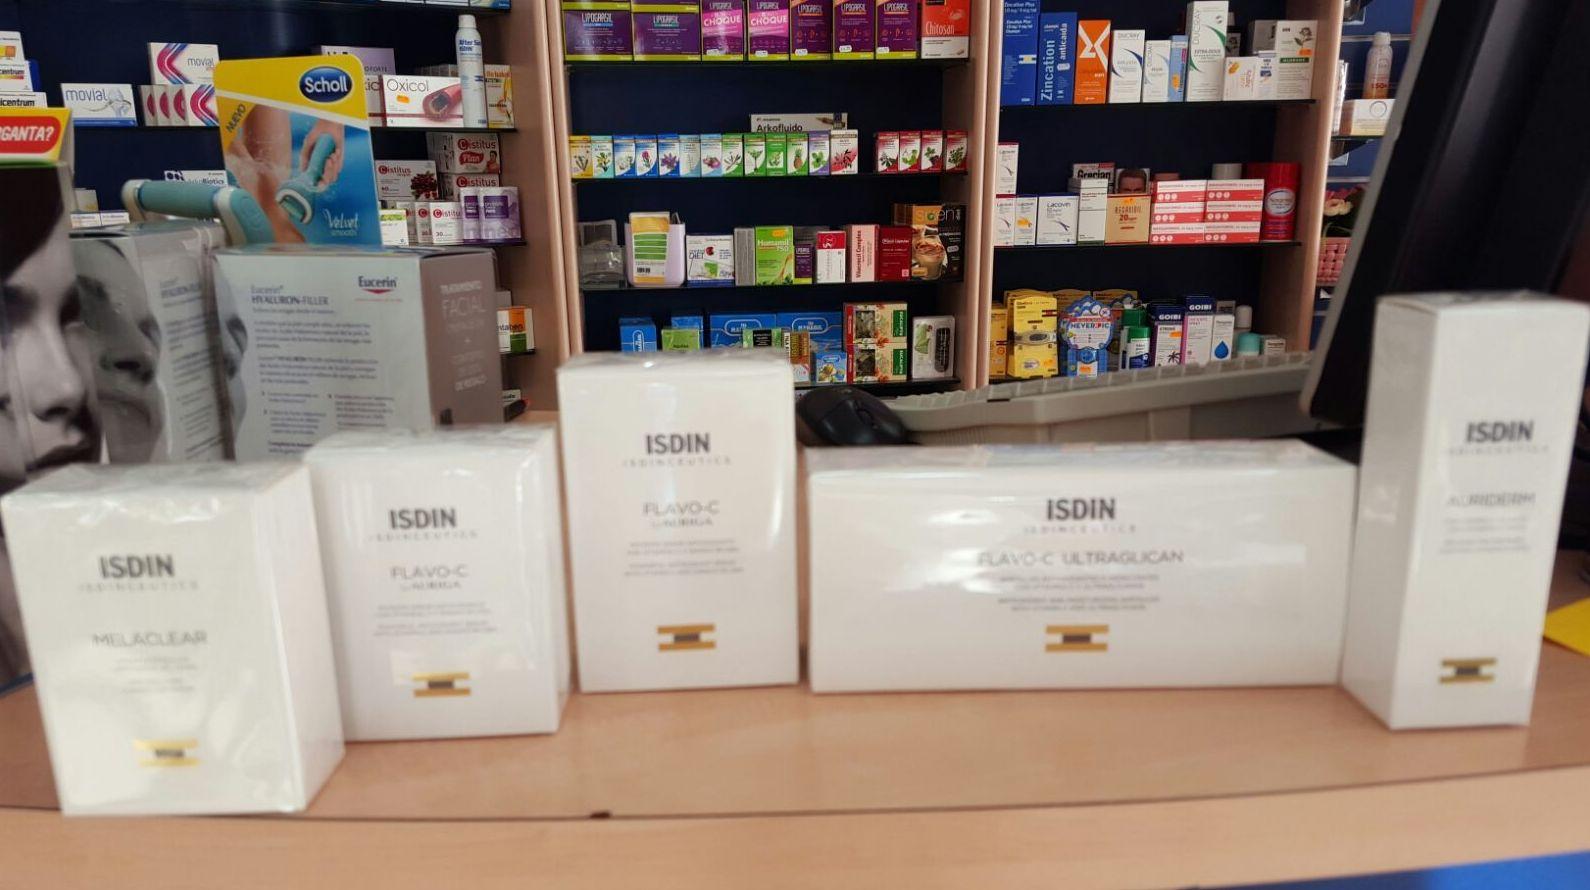 Isdinceutics : Productos y Promociones de Farmacia Lucía